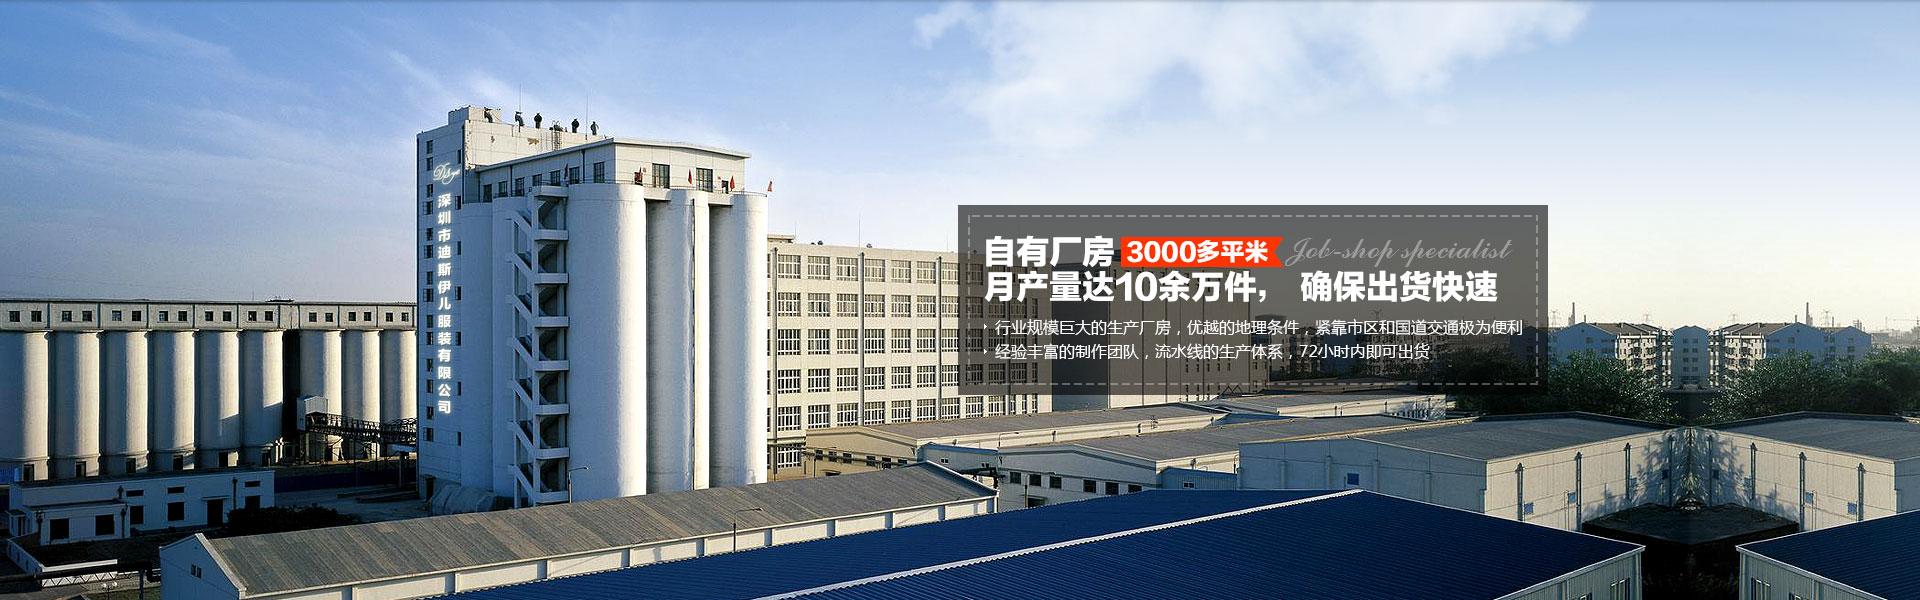 自有厂房3000多平米,月产量达10余万件, 确保出货快速